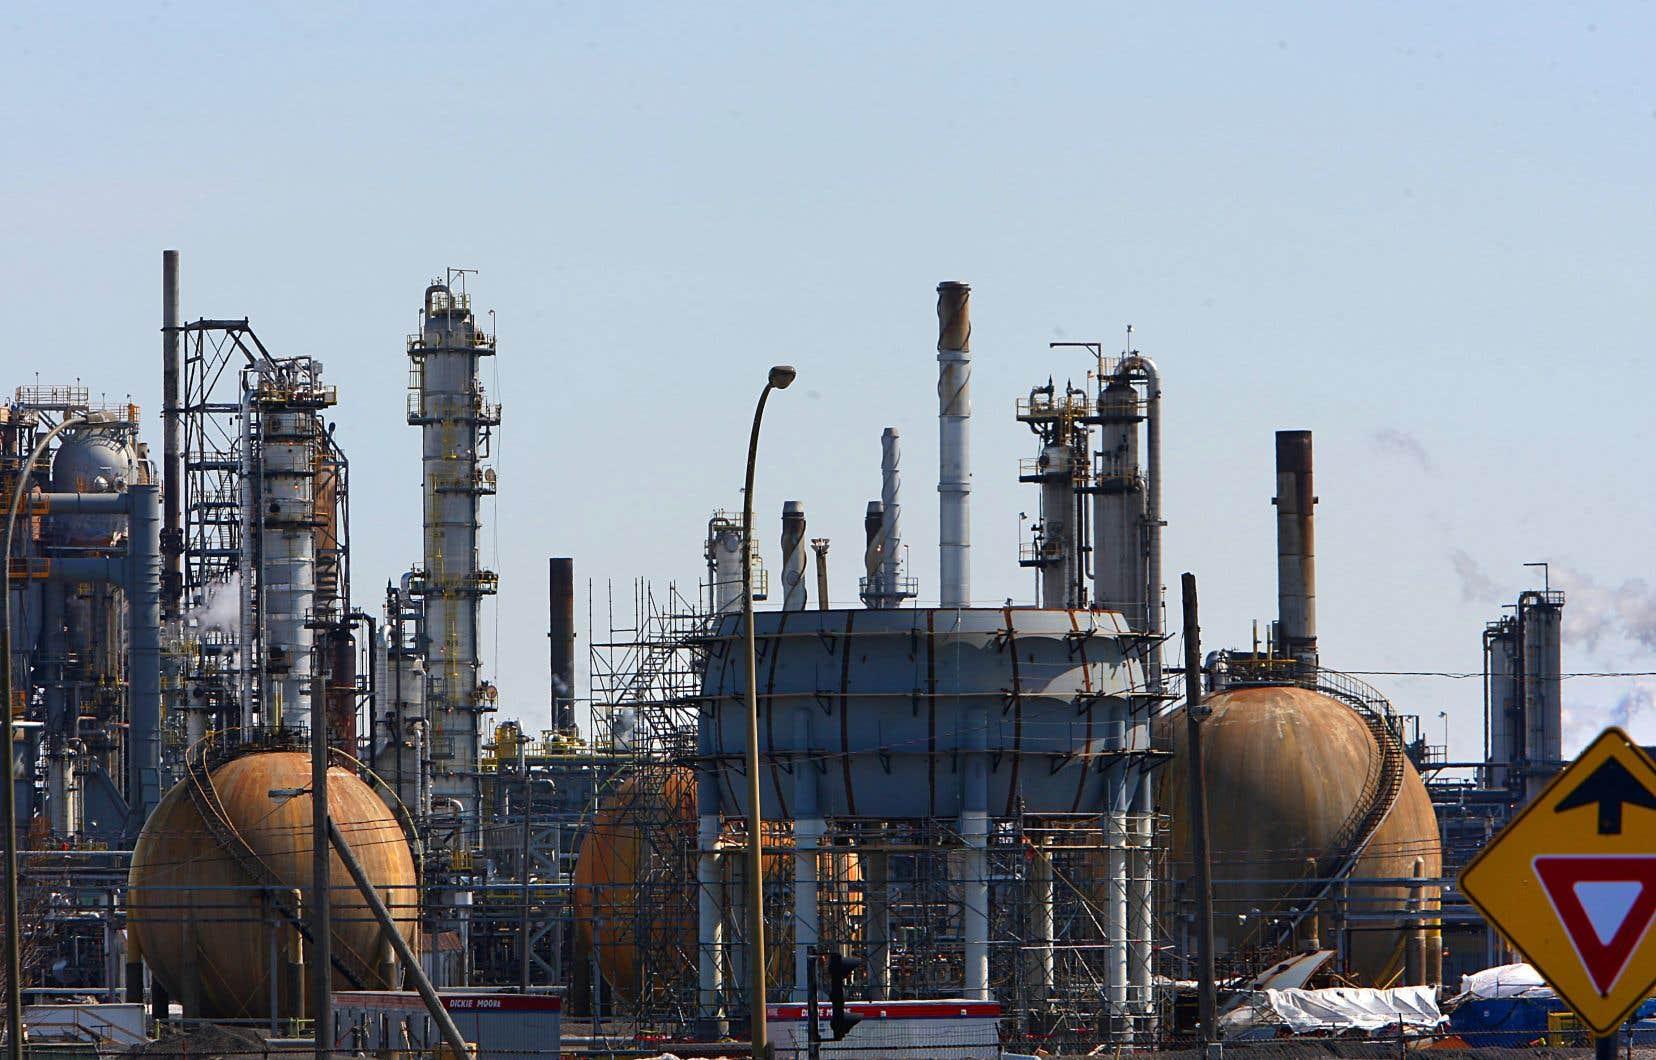 Le pétrole, le gaz et autres produits issus de la pétrochimie sont omniprésents dans notre mode de vie occidental.